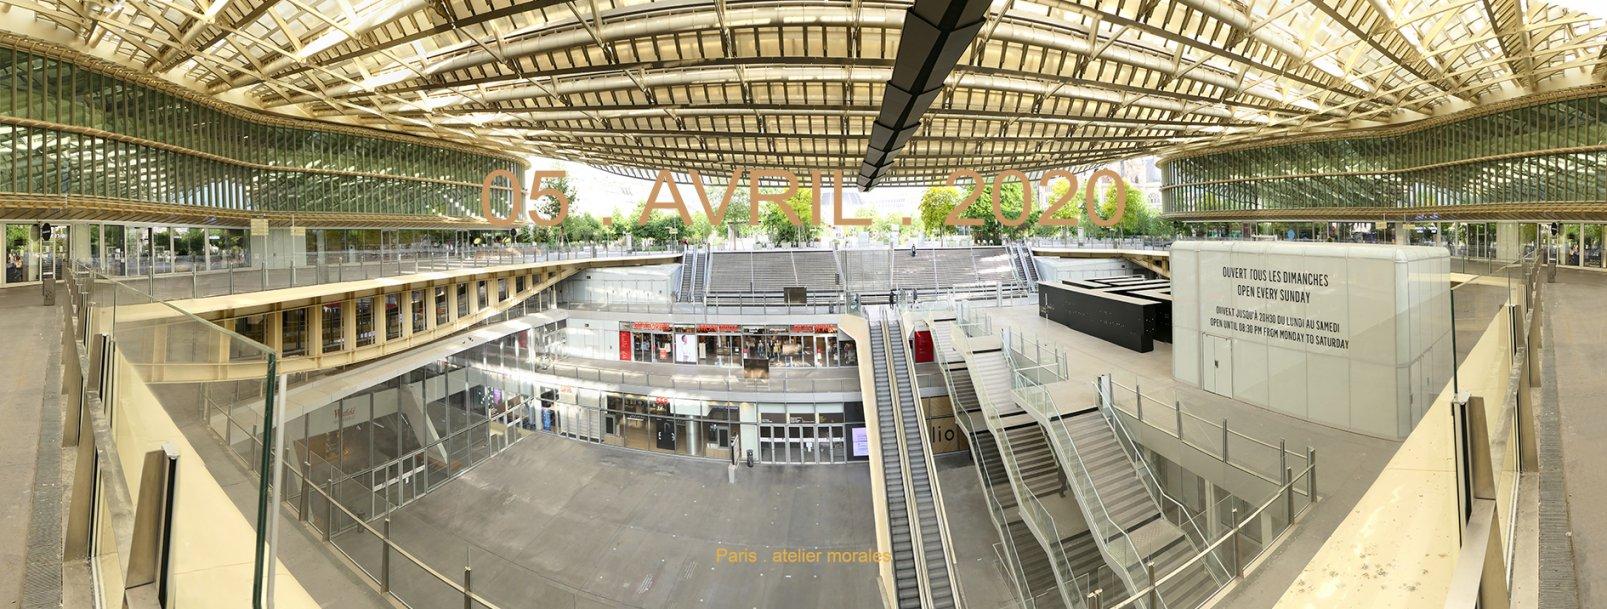 21eme jour confinement. Place Pina Bausch. Canopée Les Halles Paris (2020) - Teresa Ayuso & Juan Luis Morales  - Atelier Morales